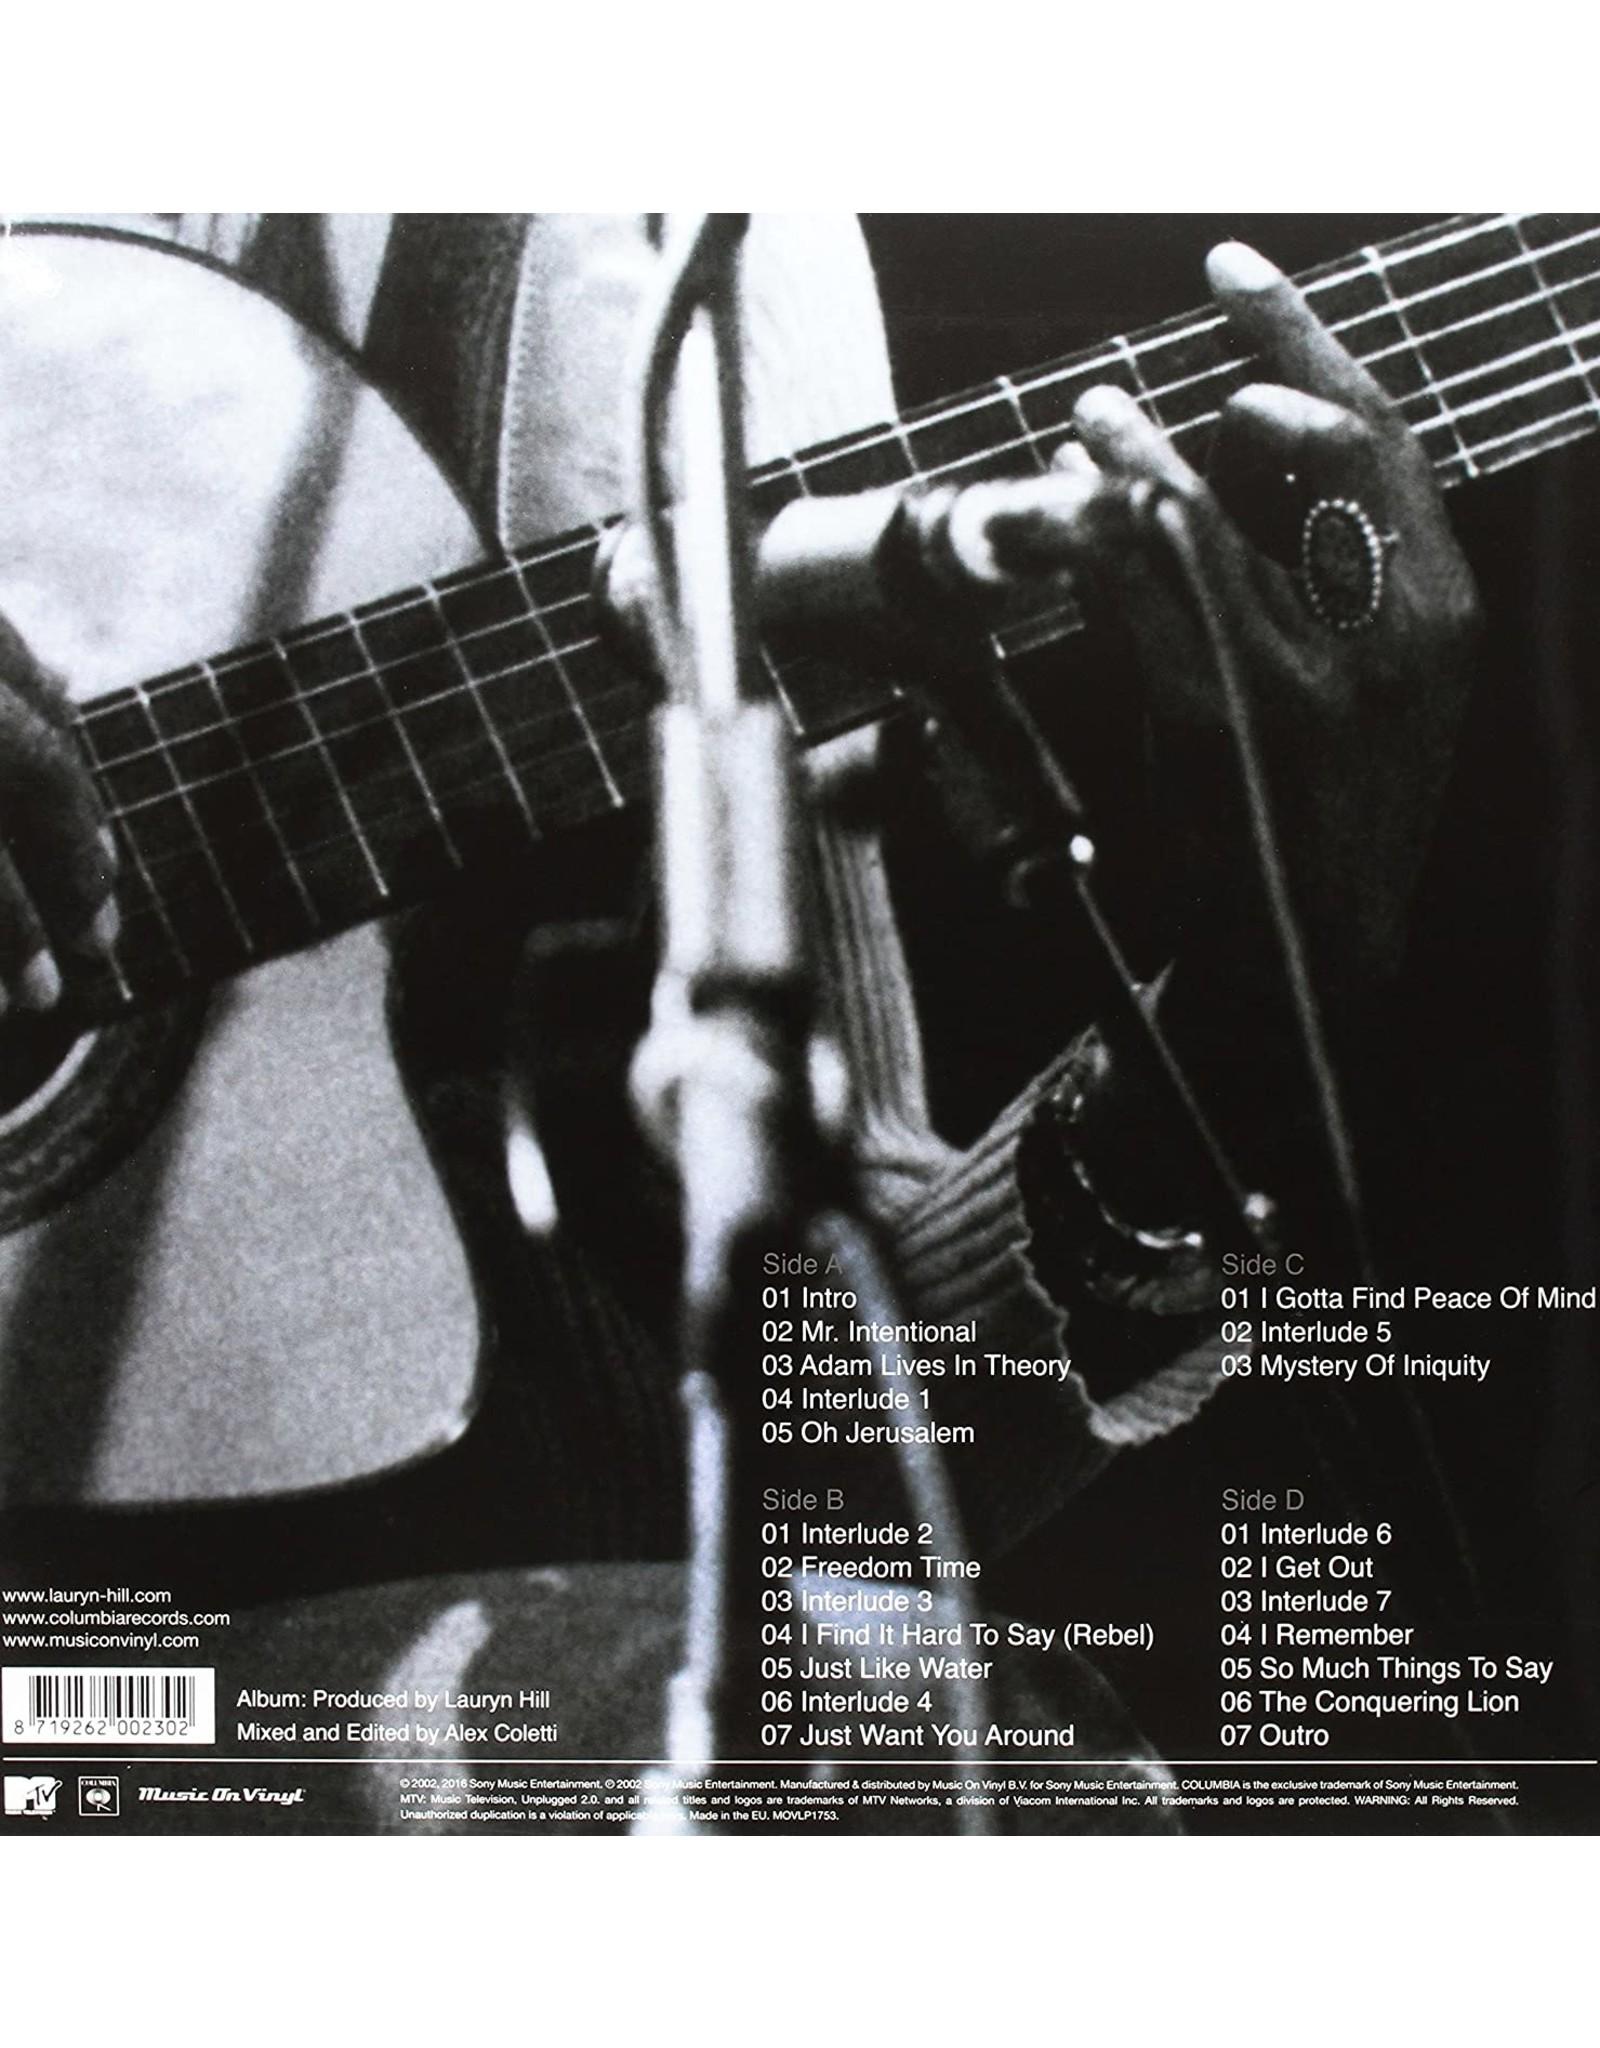 Lauryn Hill - MTV Unplugged 2.0